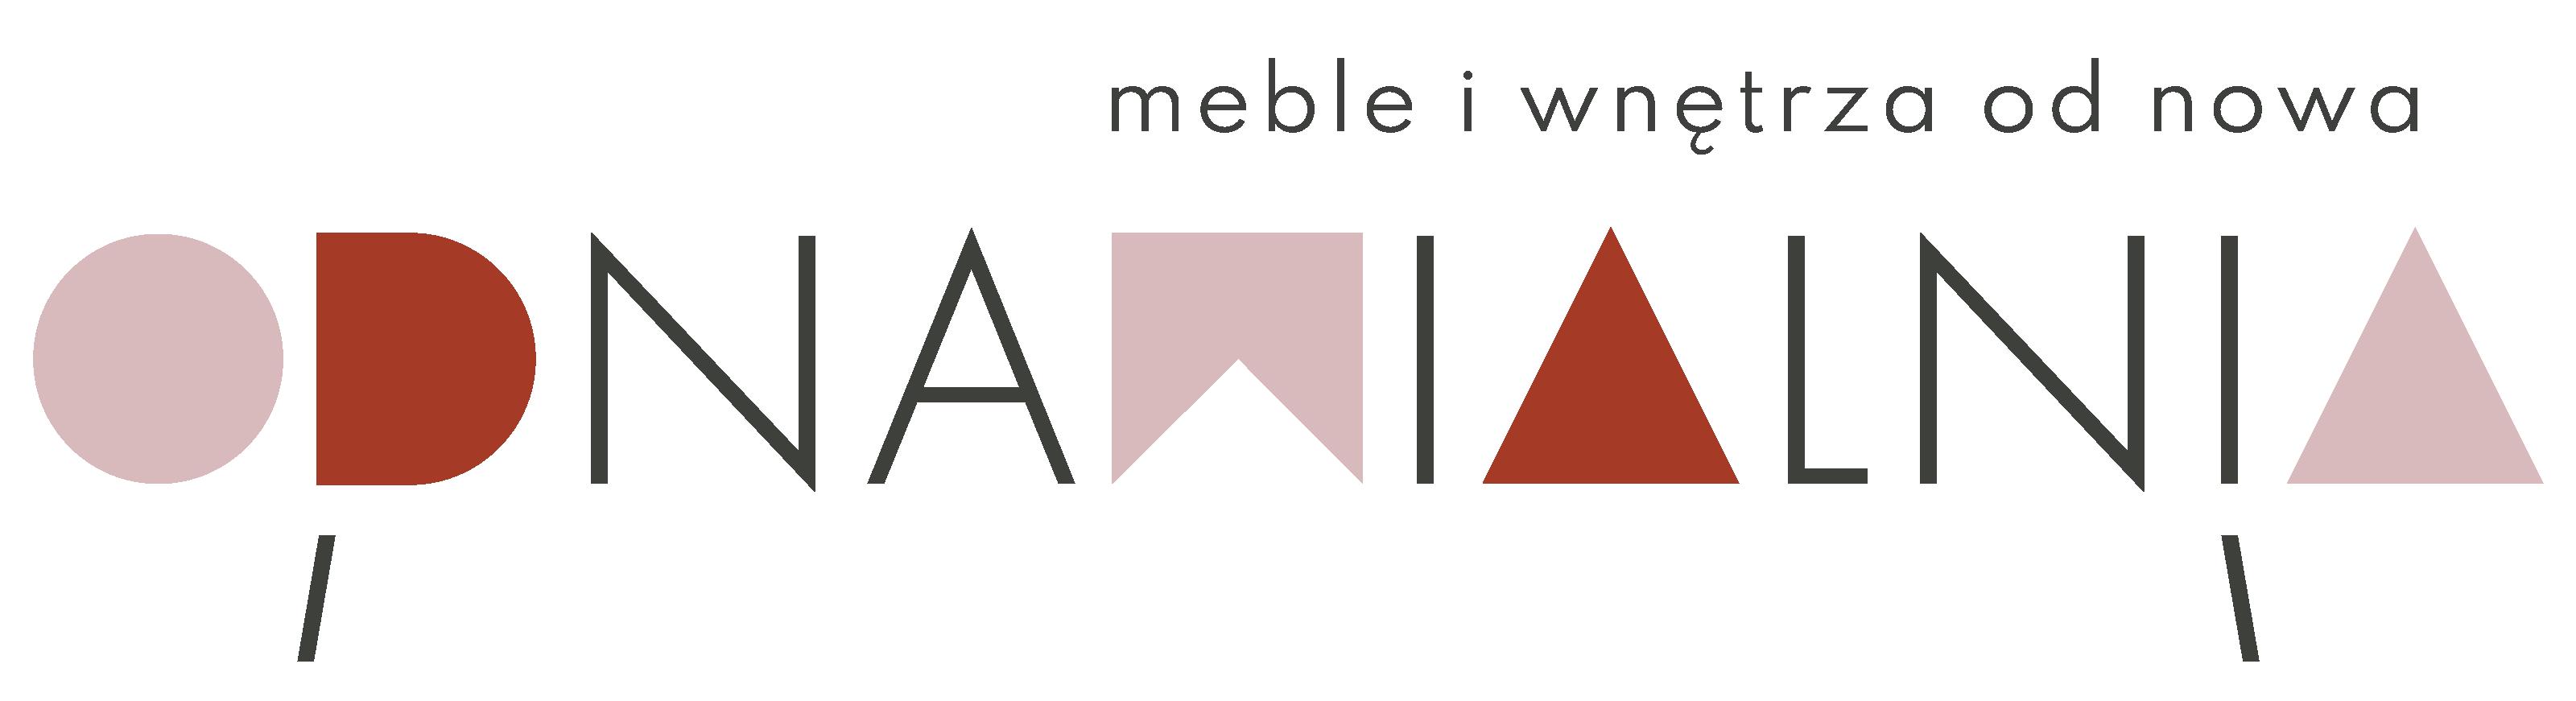 odnawialnia-logo-17-pelne-claim-roz-bordo